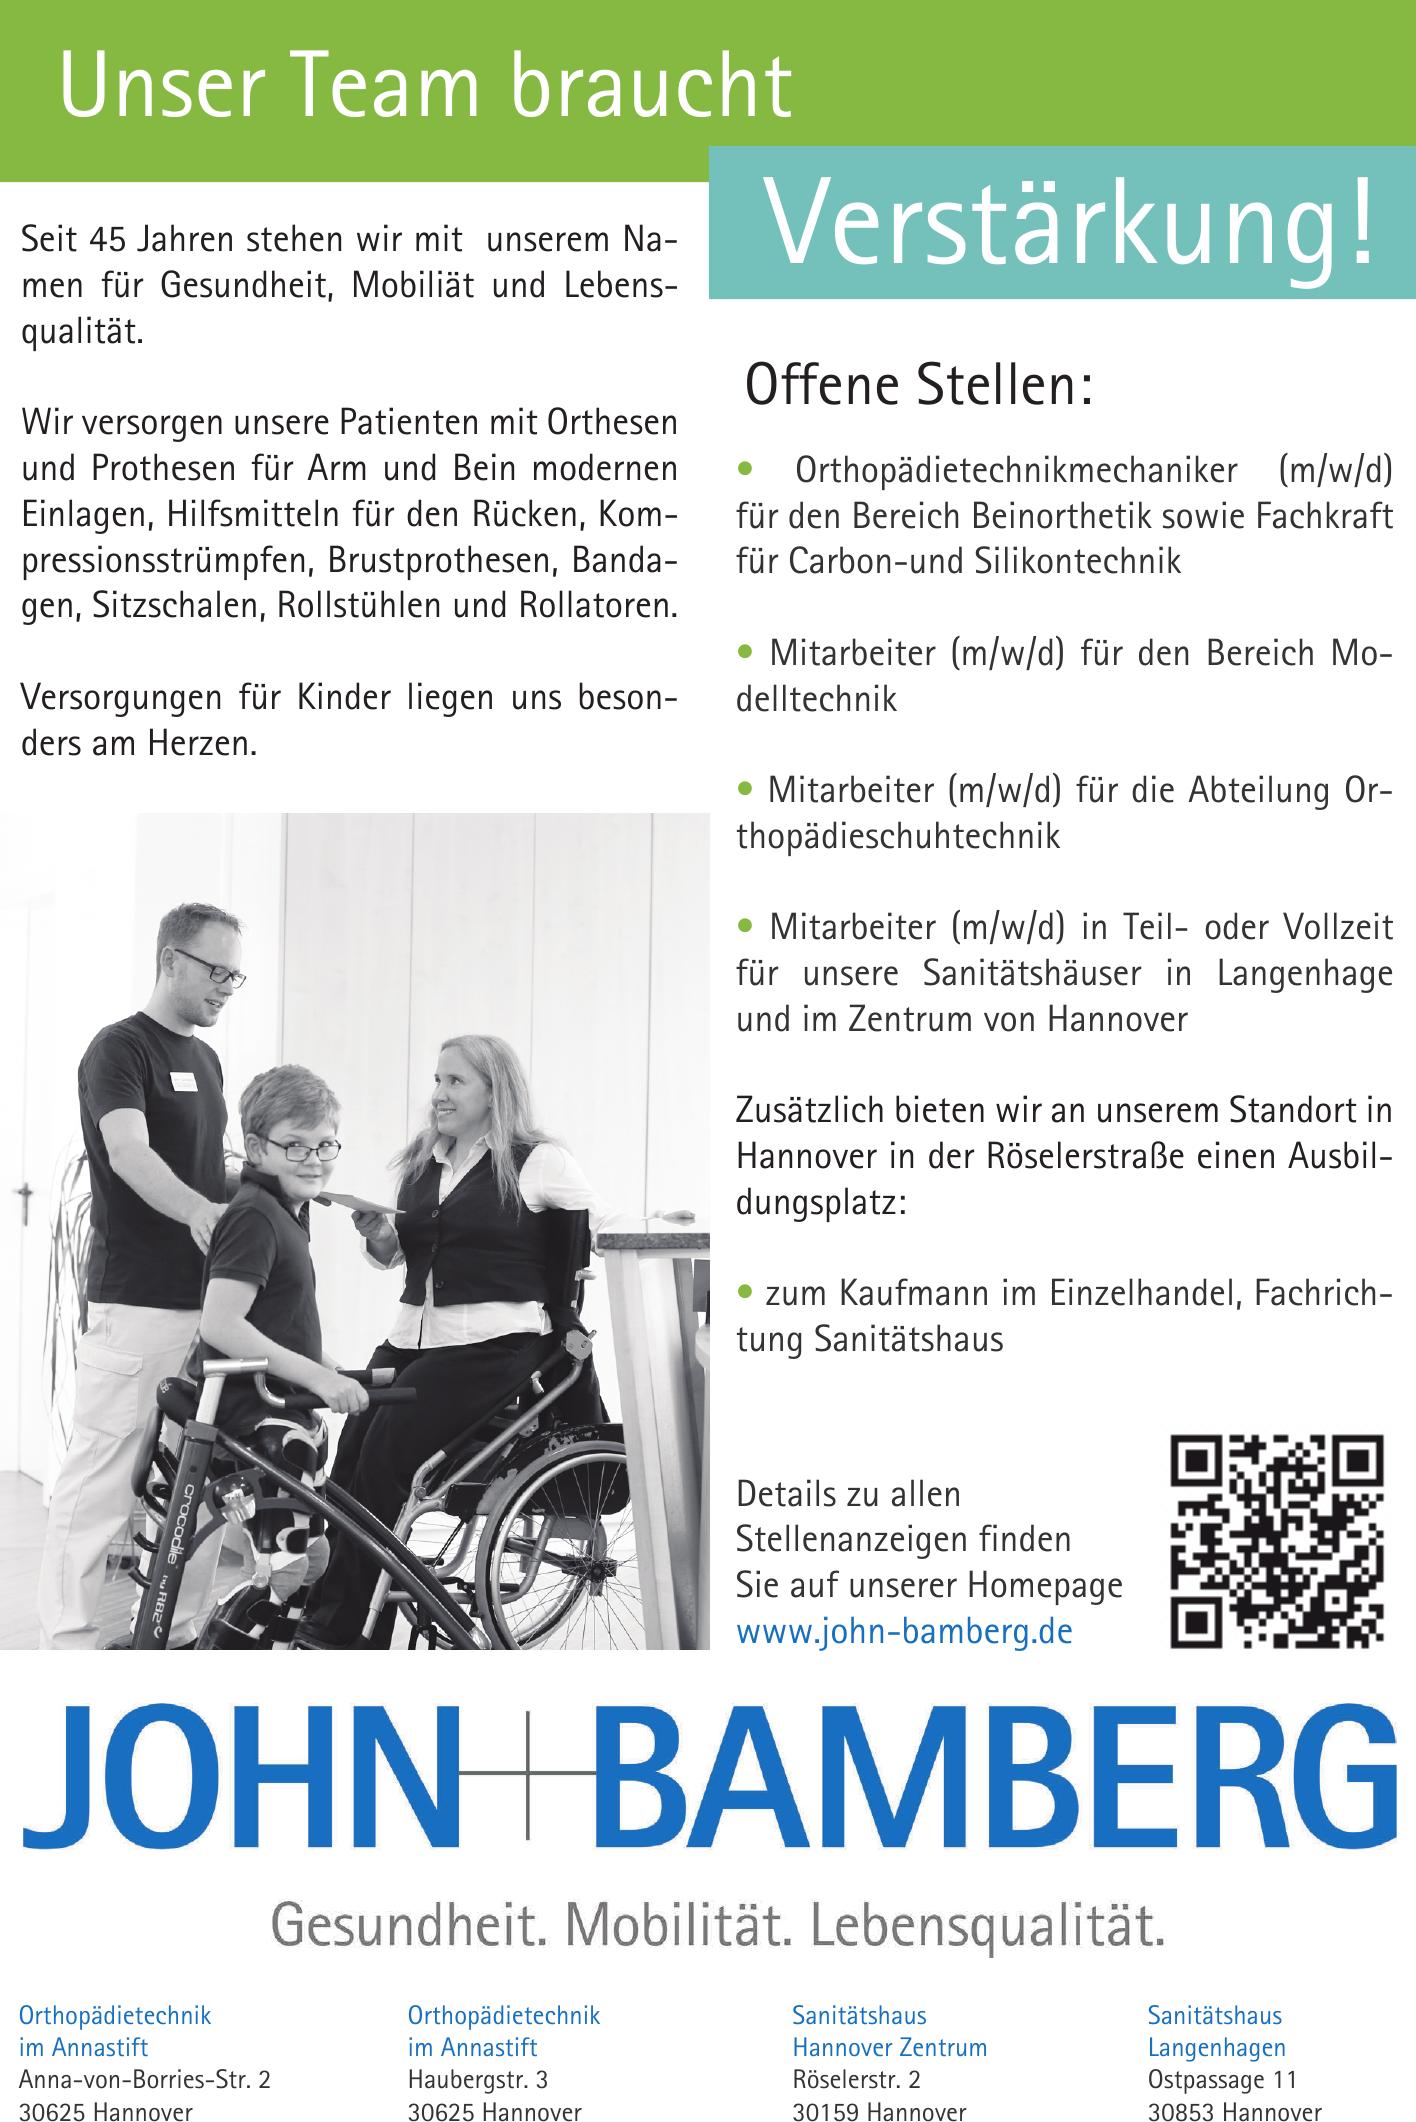 John + Bamberg